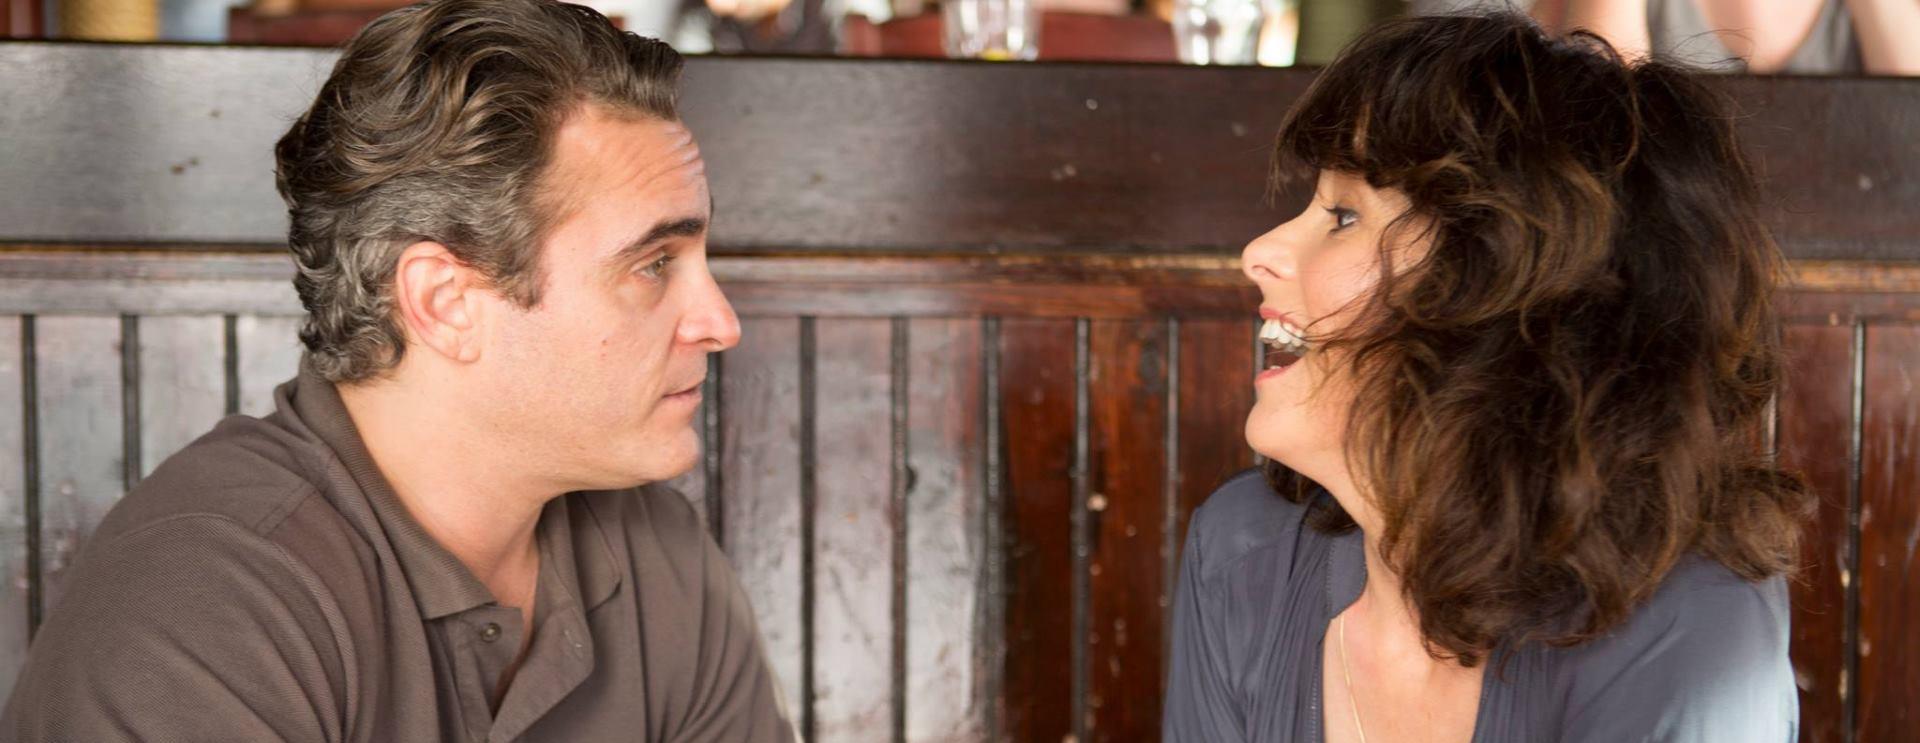 VIDEO: Filmska drama 'Nerazuman čovjek' prikazuje se u hrvatskim kinima